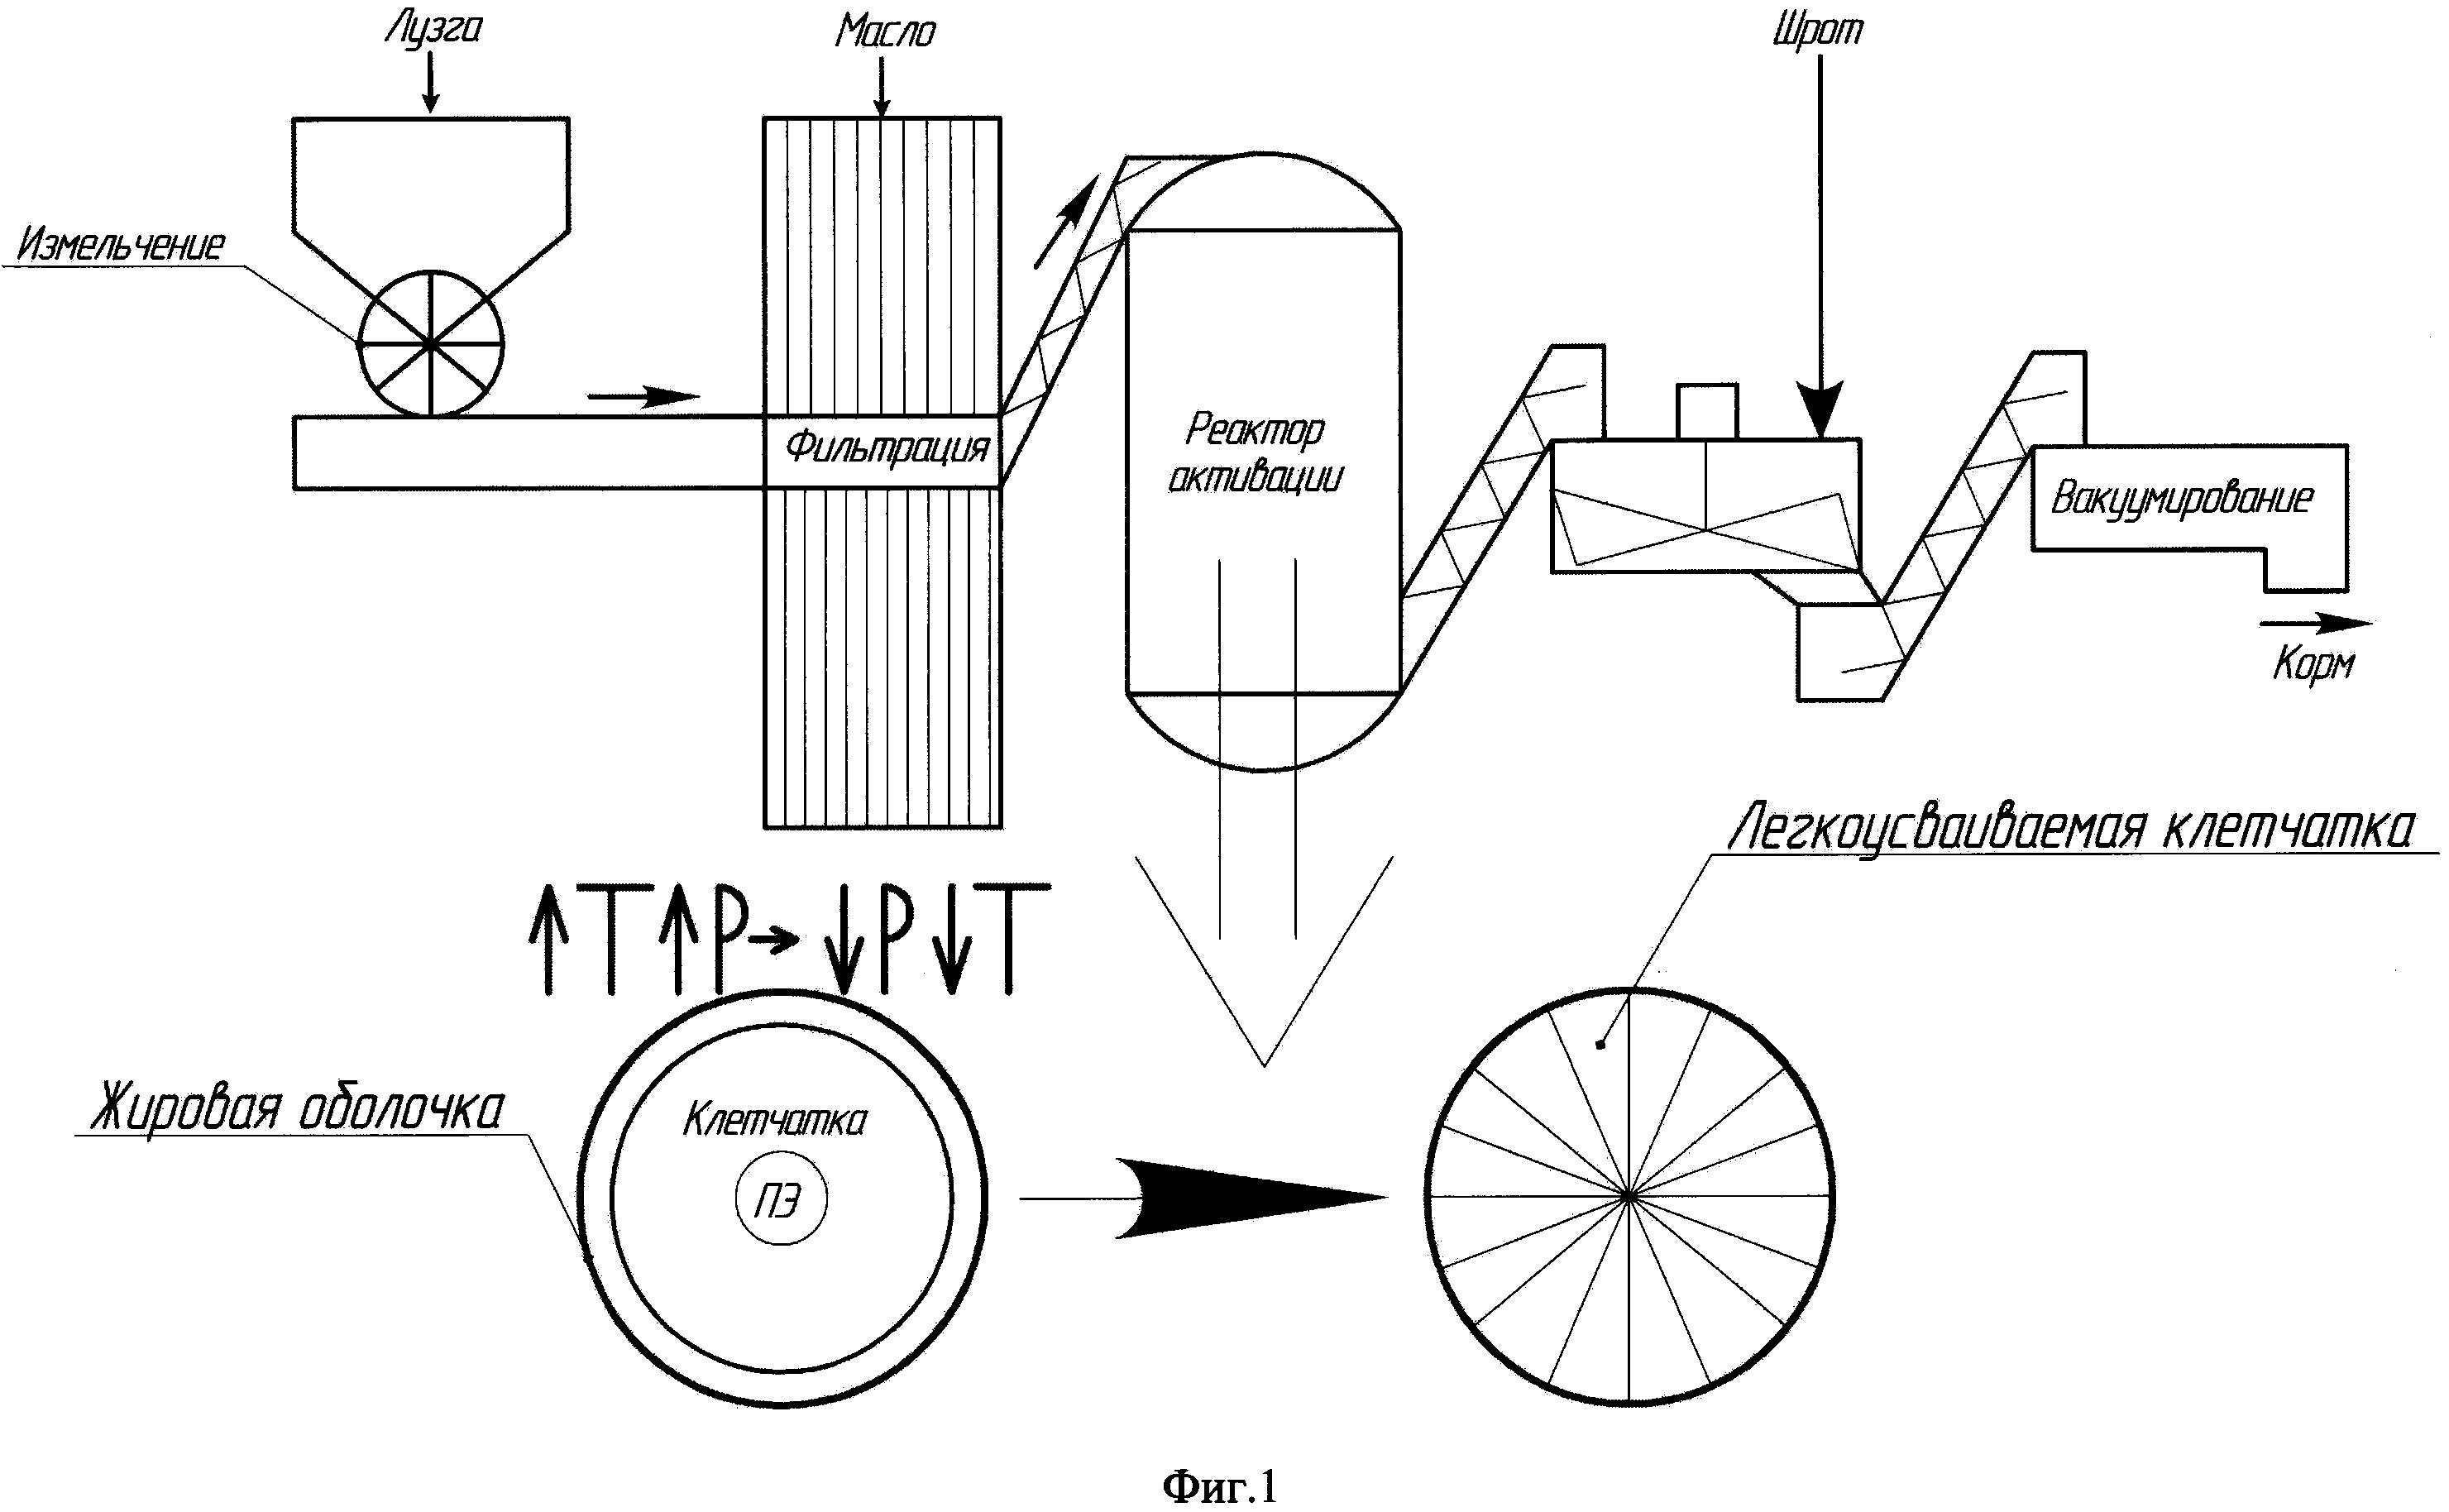 Корм для животных на основе лузги подсолнечника и способ его получения